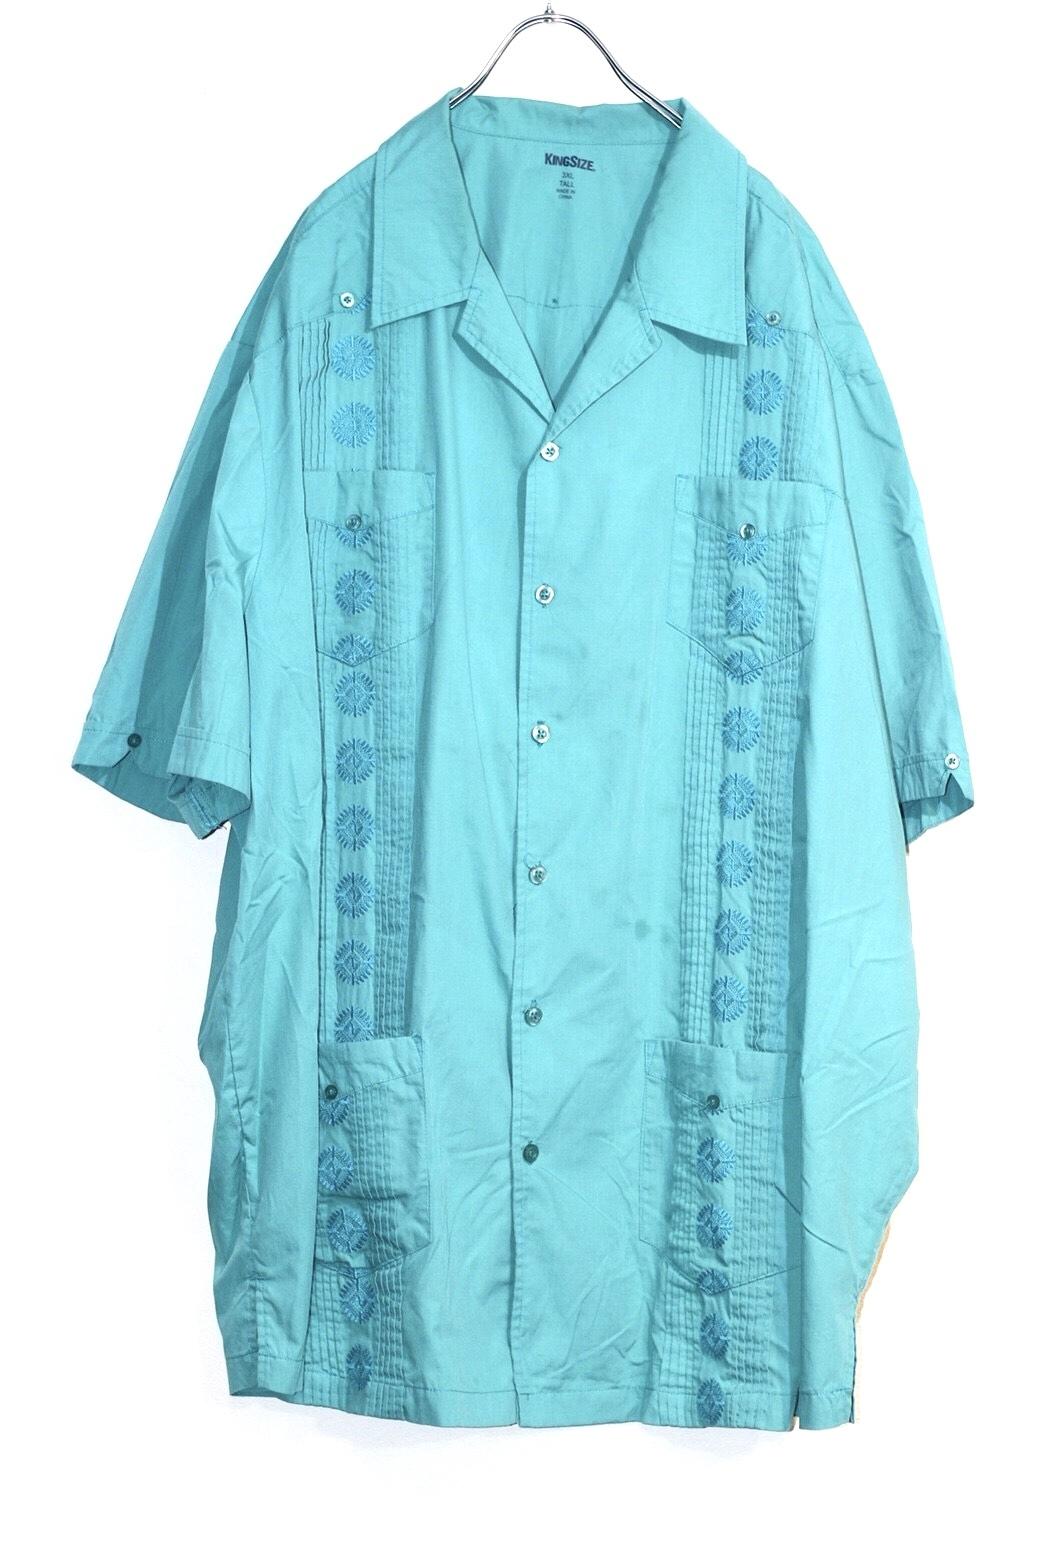 Cuba shirt KING SIZE